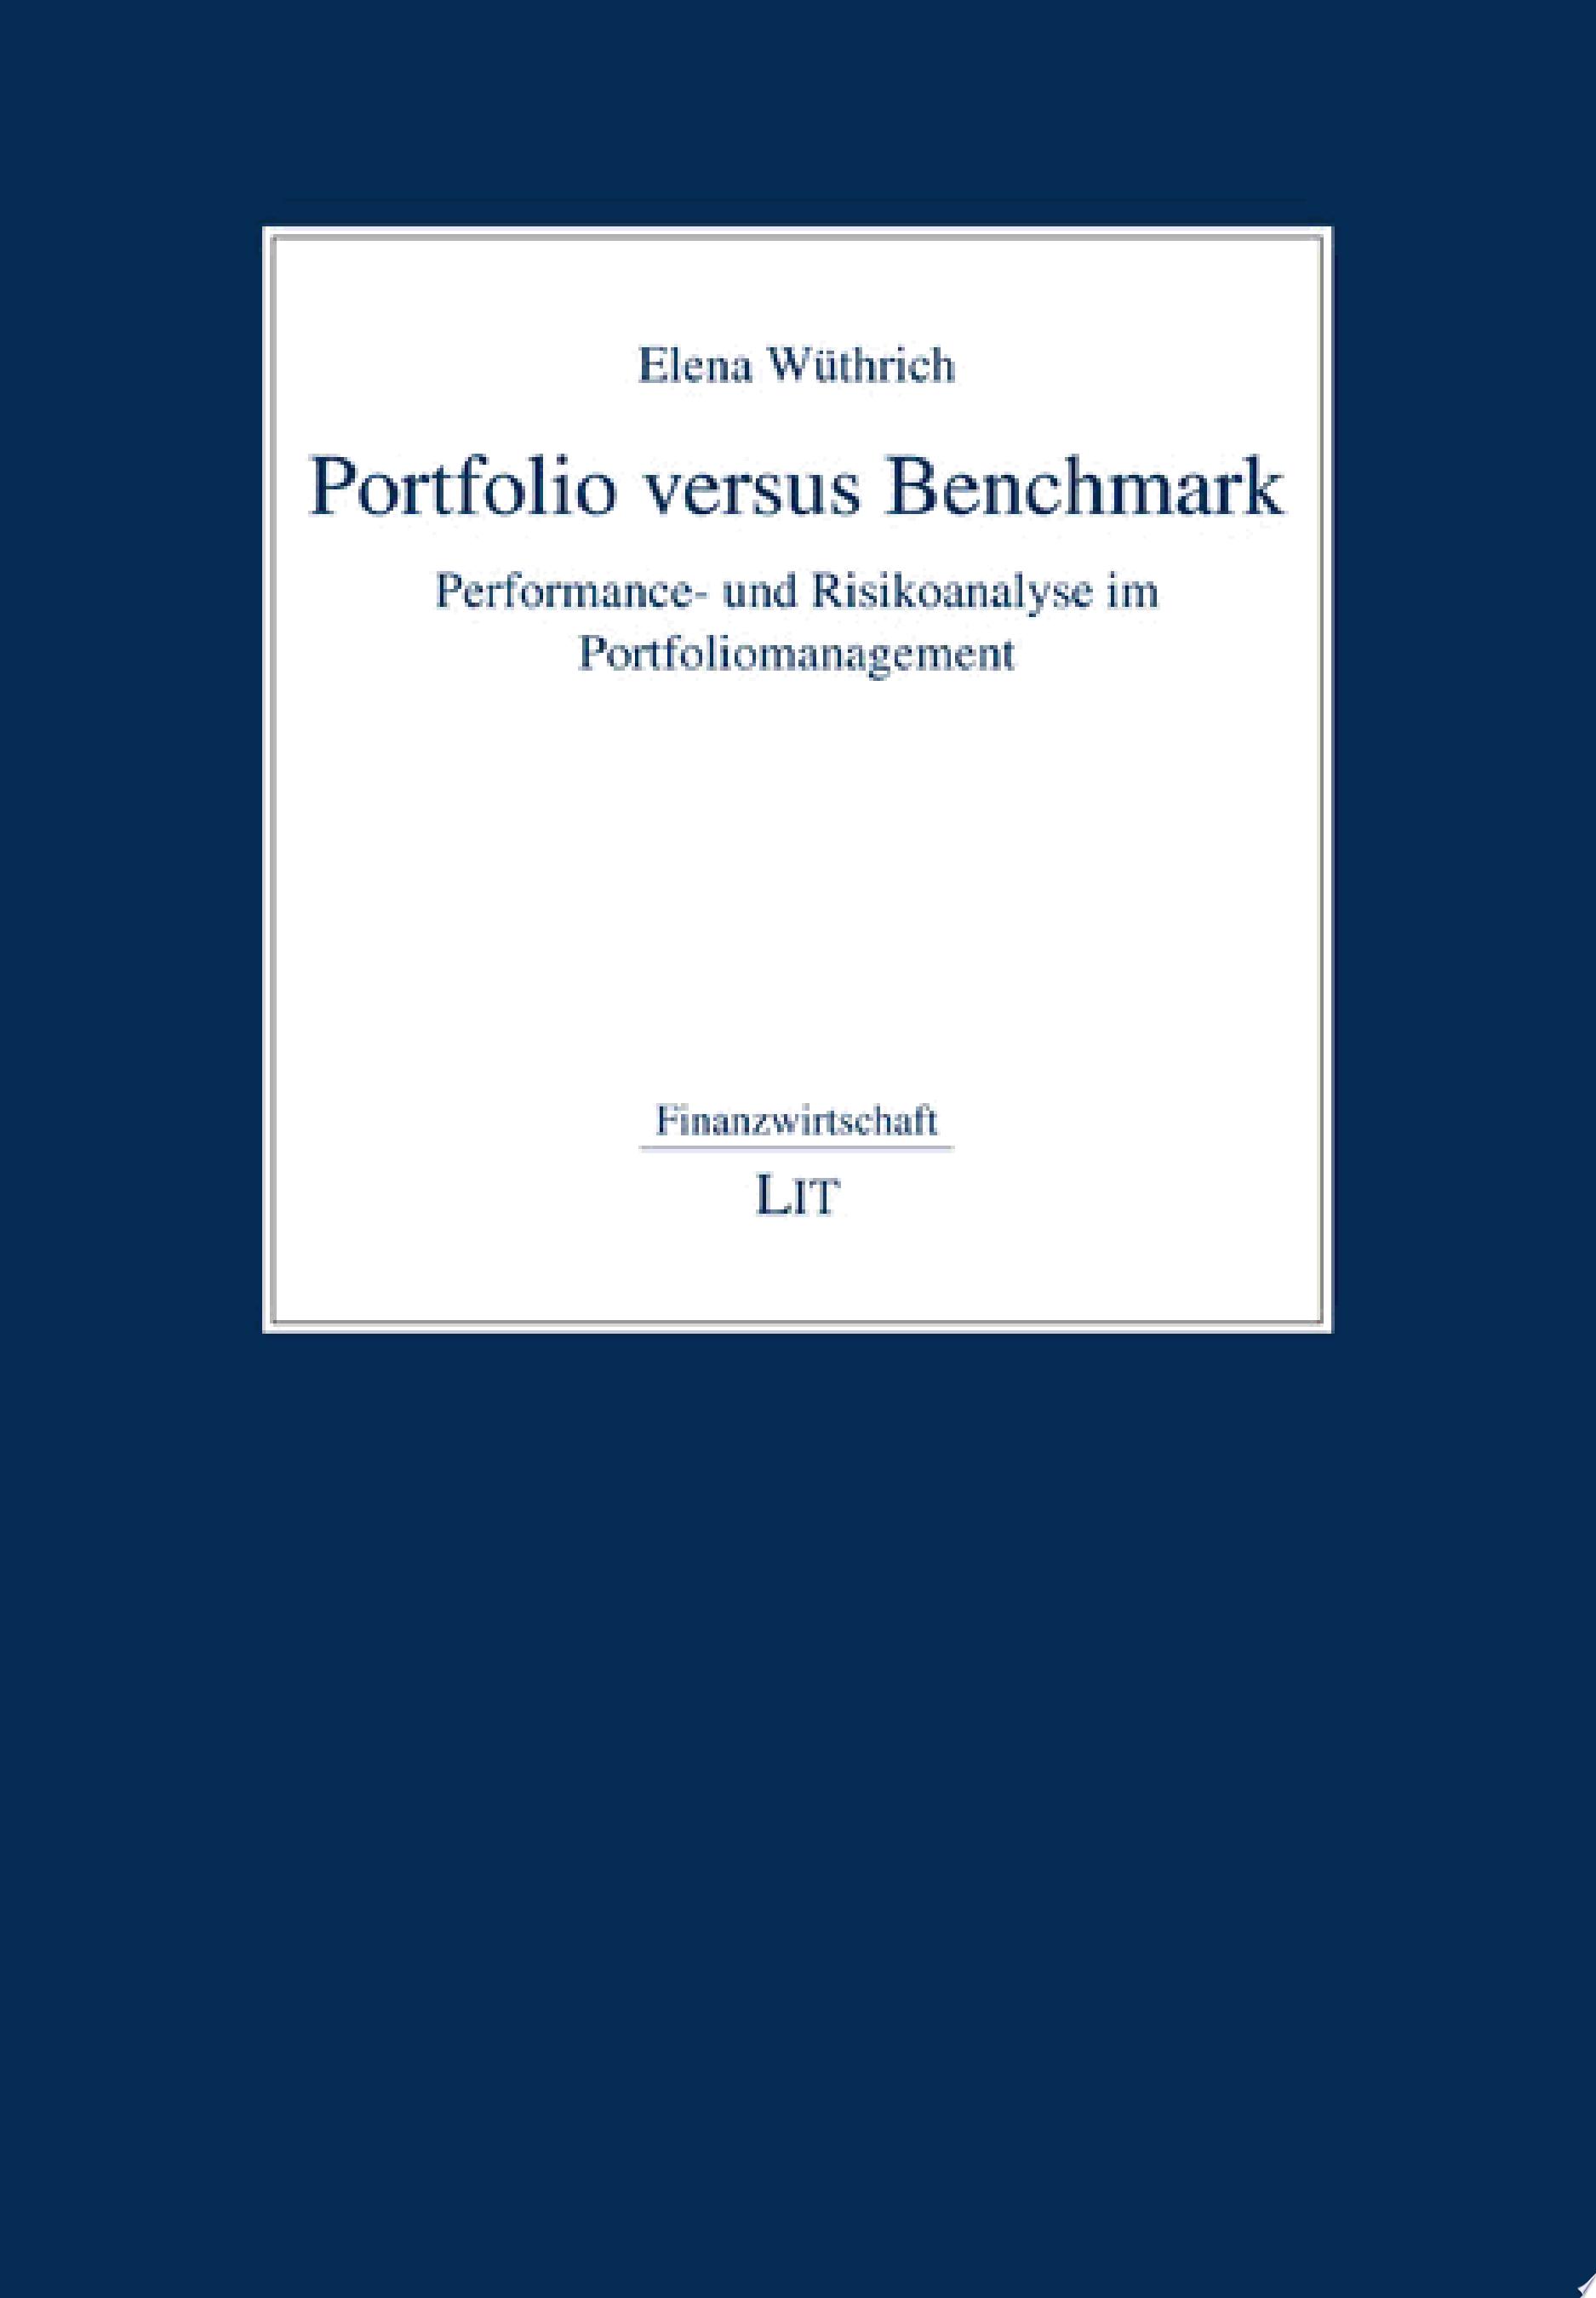 Portfolio versus Benchmark